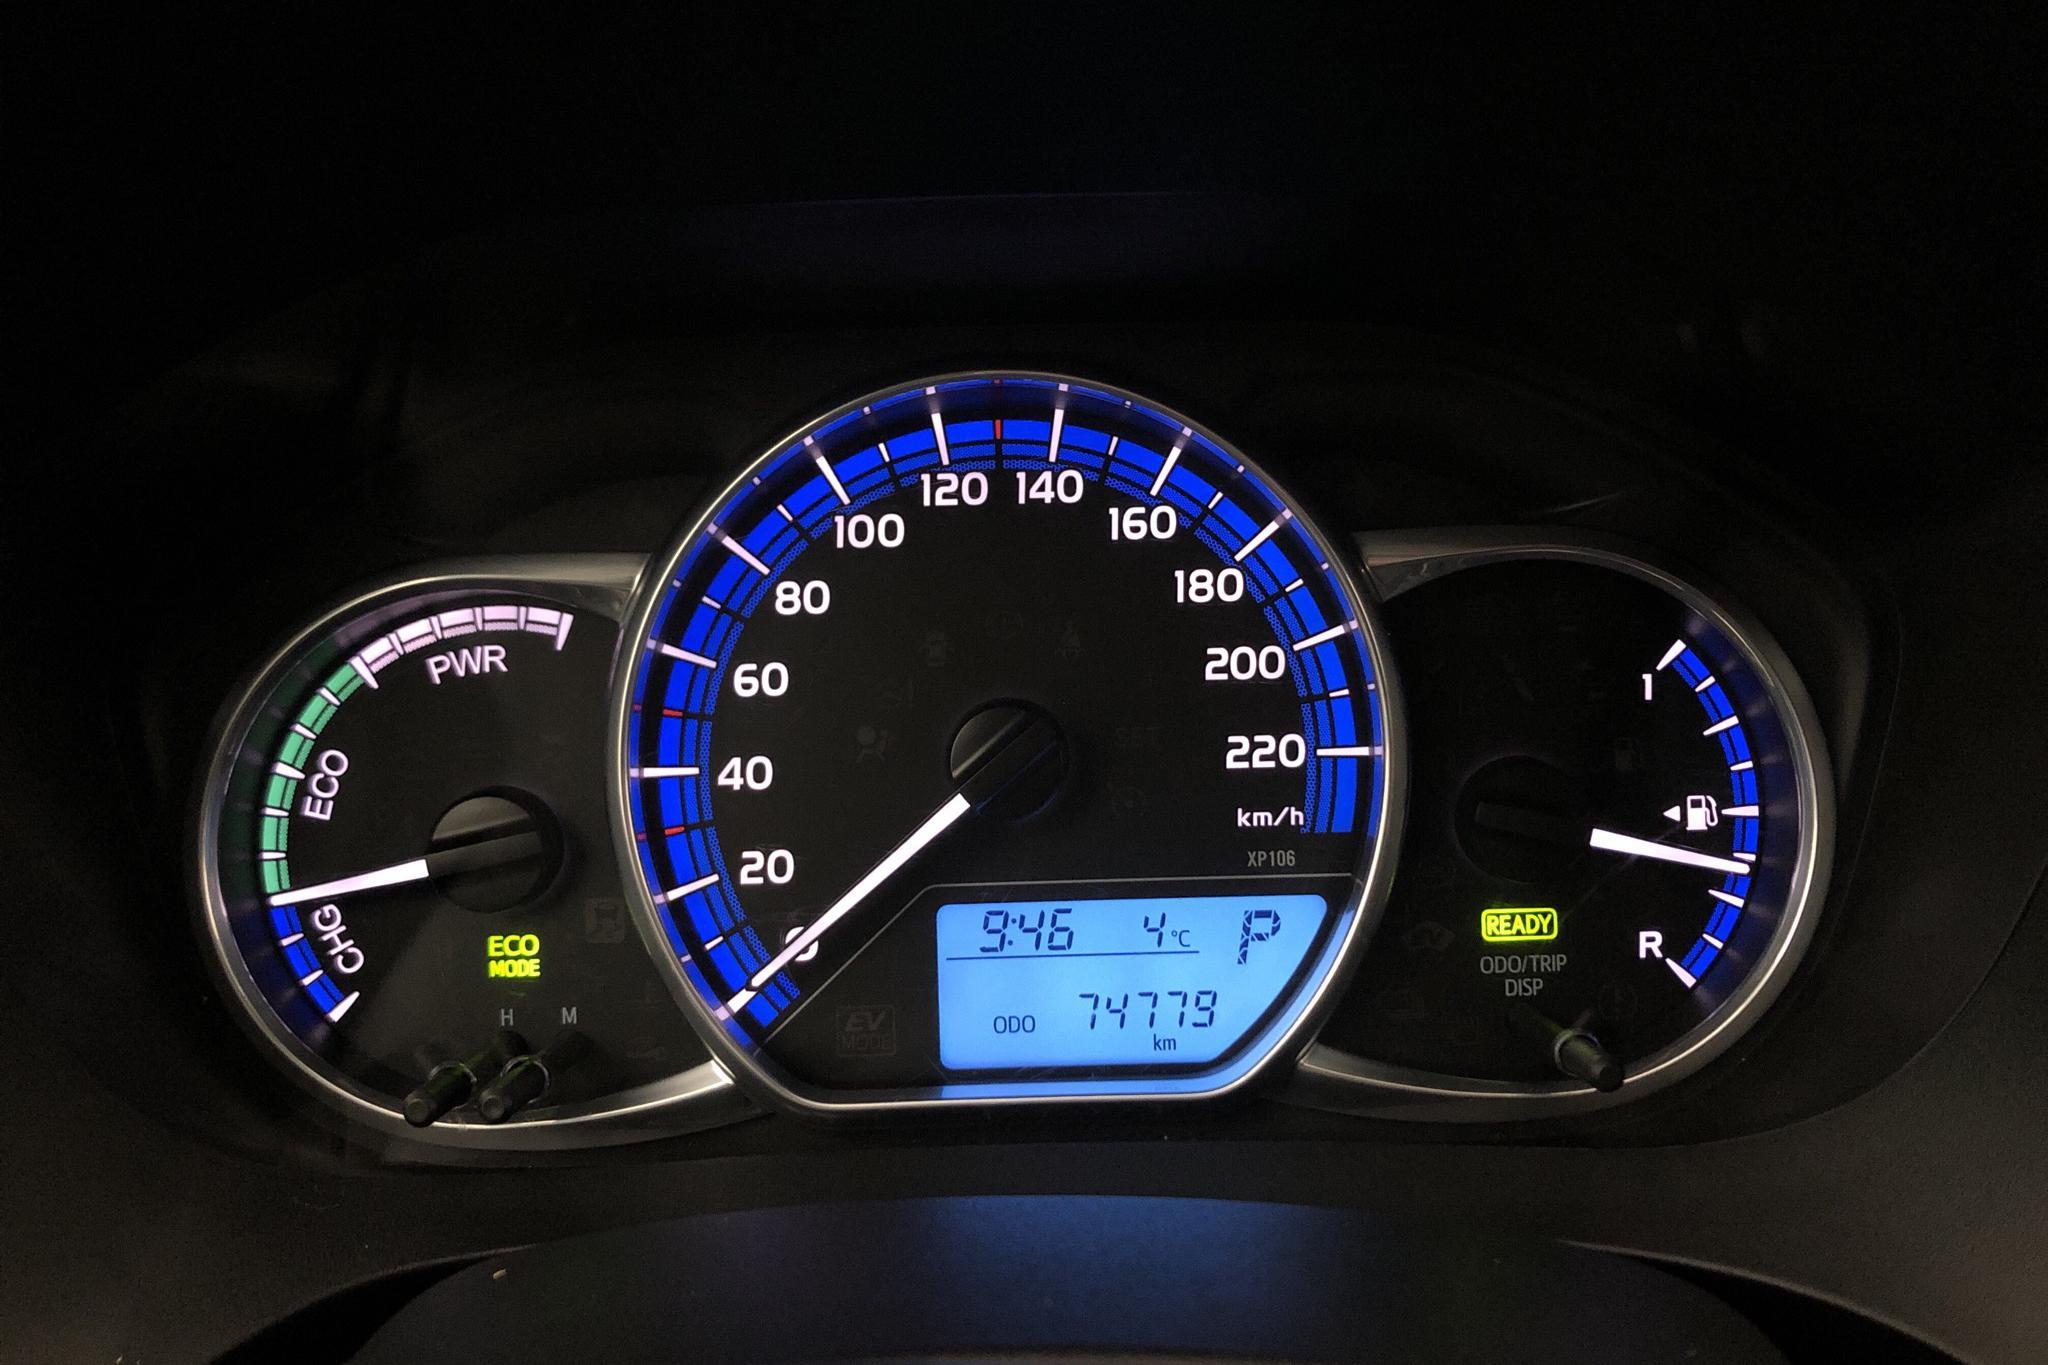 Toyota Yaris 1.5 HSD 5dr (75hk) - 7 478 mil - Automat - silver - 2015